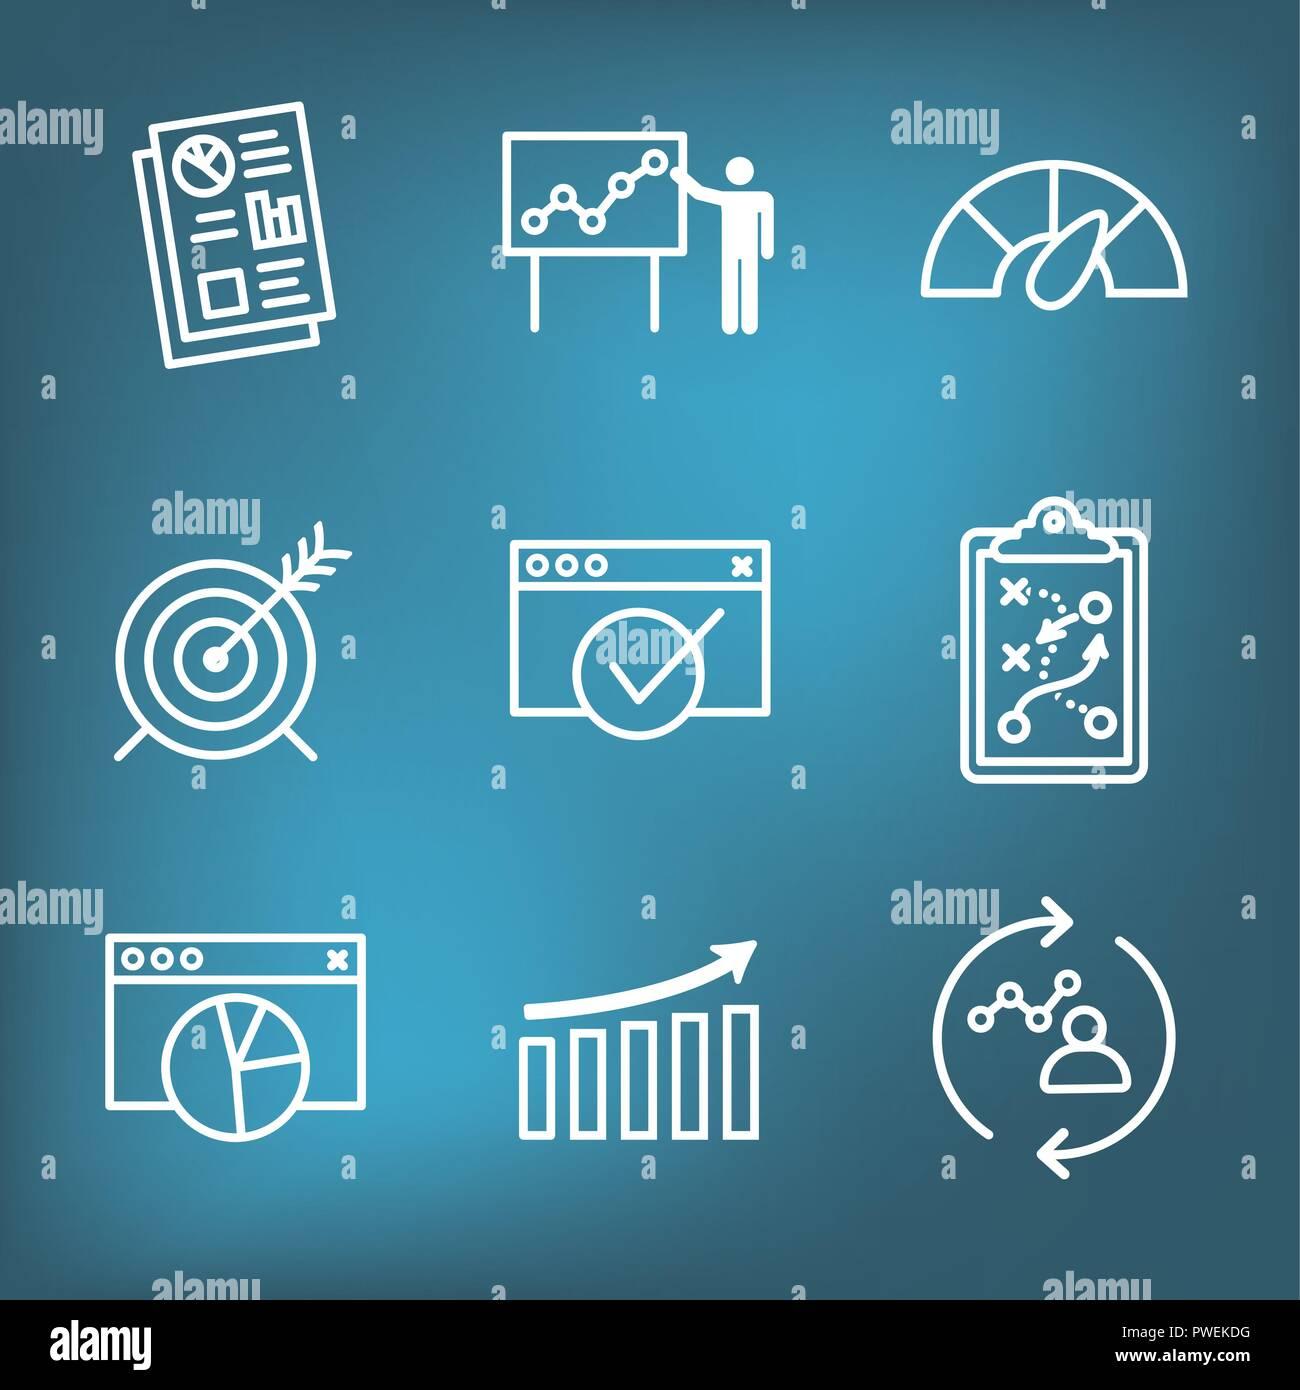 KPI - Key Performance Indicators Icon set with Evaluation, Growth, & Strategy, etc - Stock Image